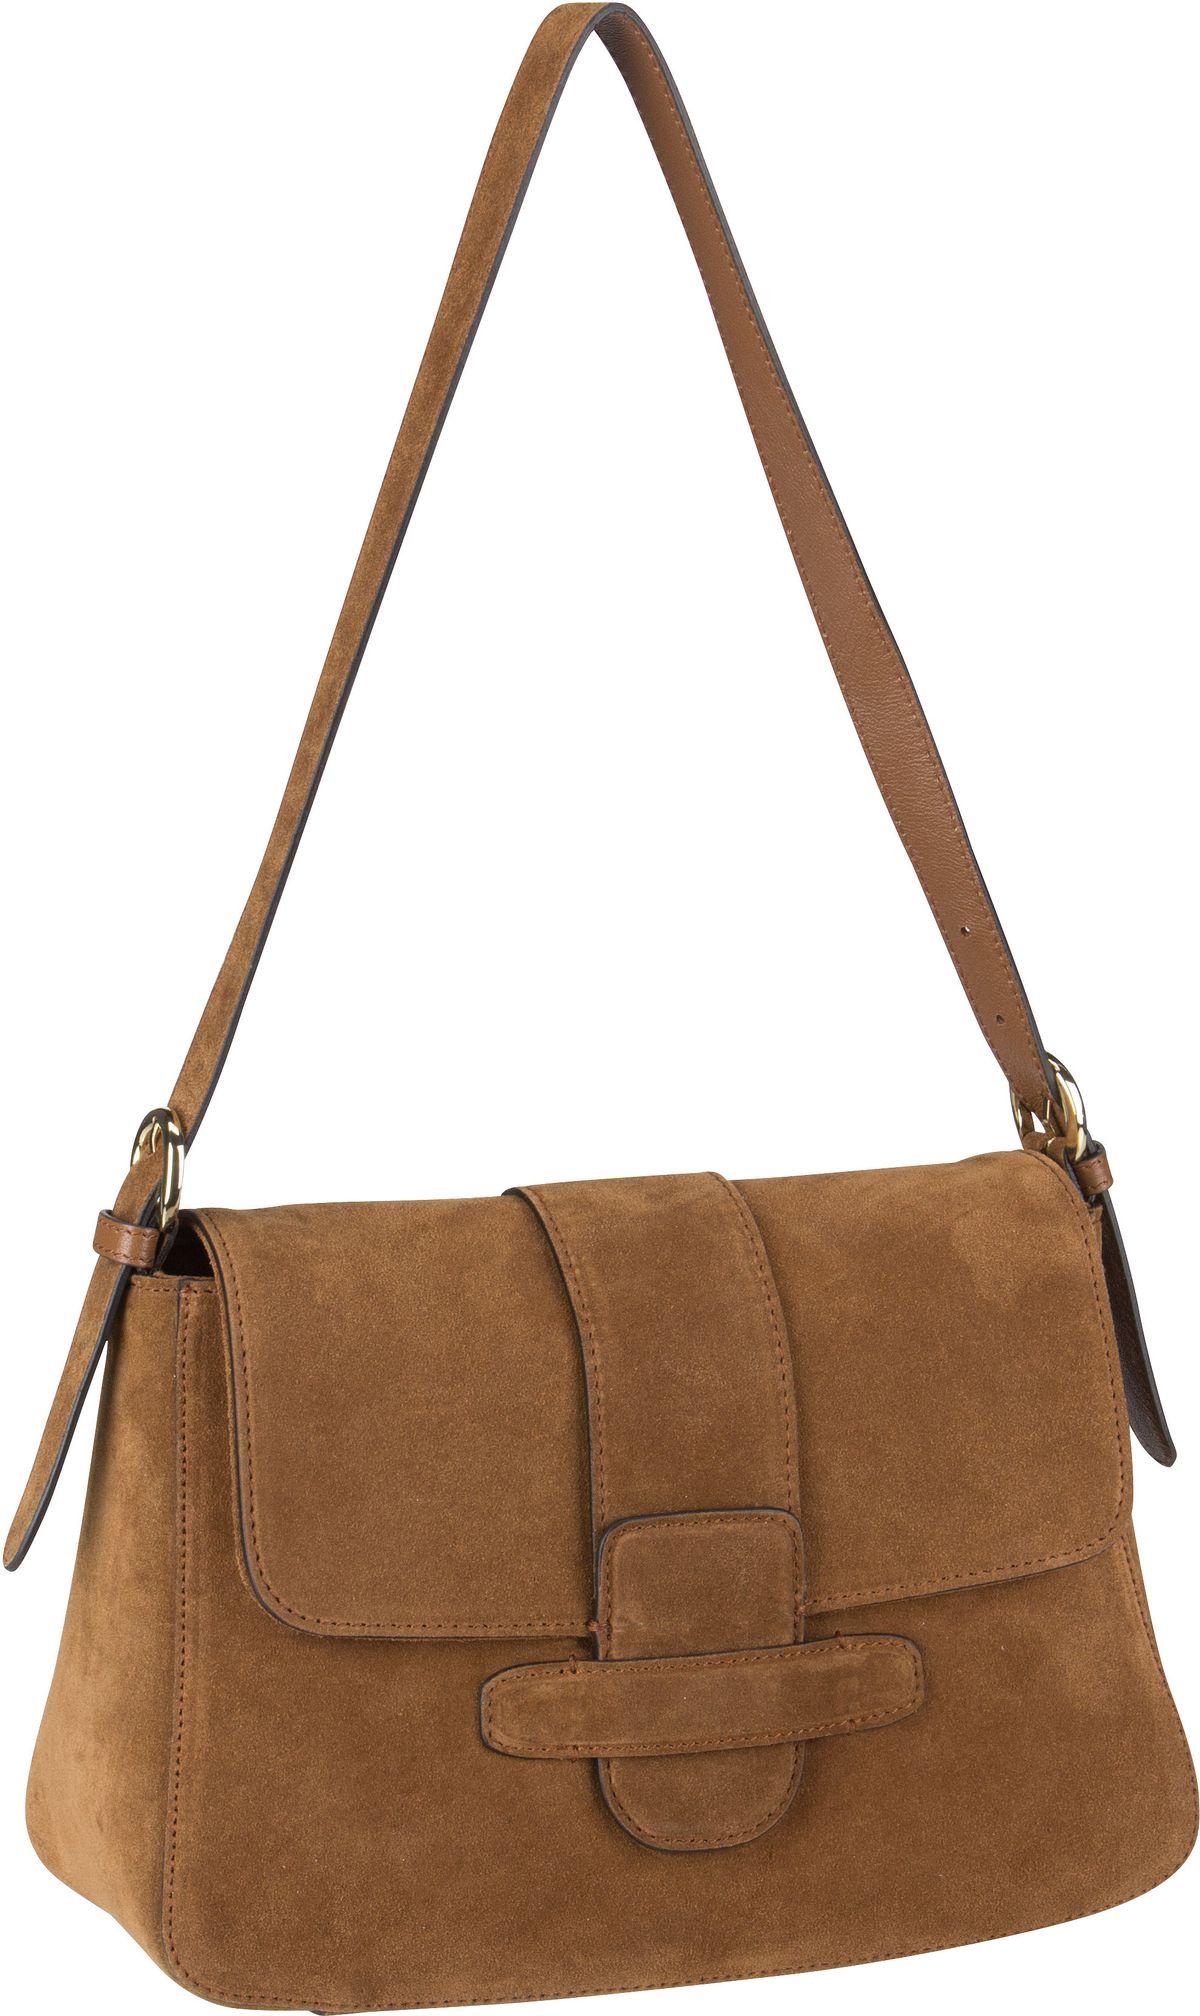 Handtasche Camilla 28914 Cuoio